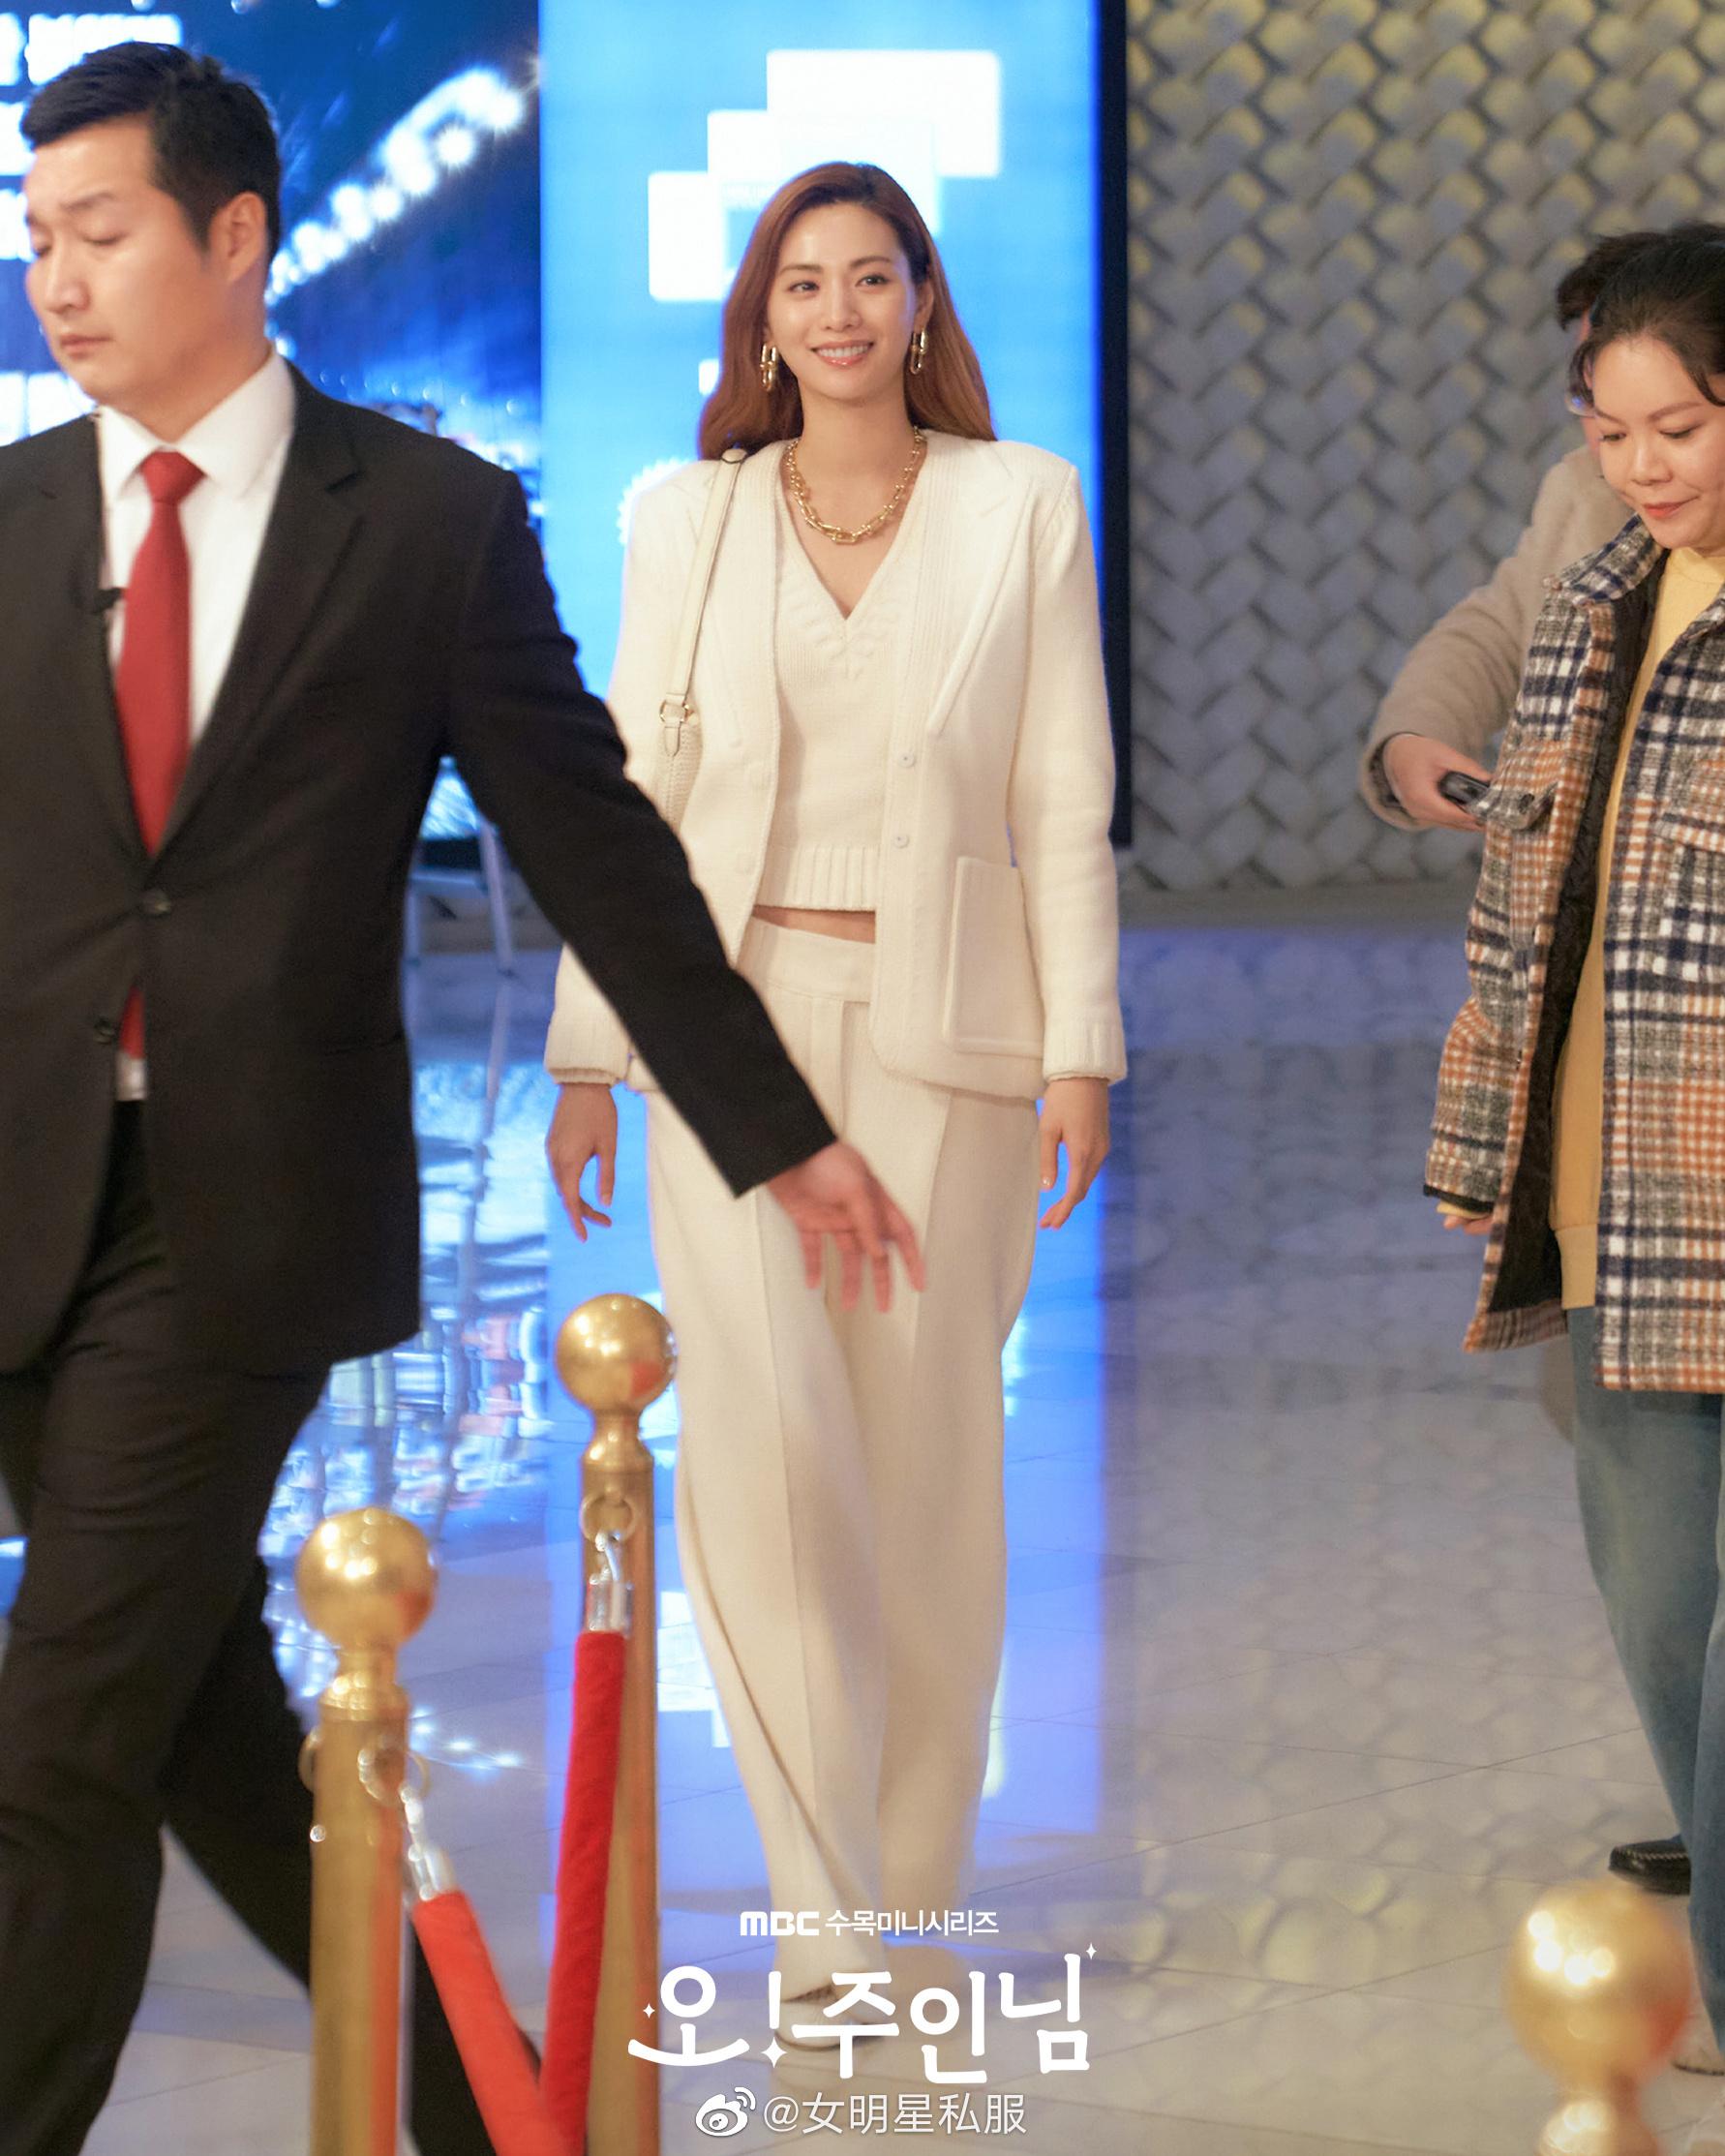 Ngô Cẩn Ngôn ngày càng thăng hạng: Đụng độ mỹ nhân Hàn đẹp nhất thế giới mà không thua kém từ nhan sắc đến thần thái - Ảnh 1.